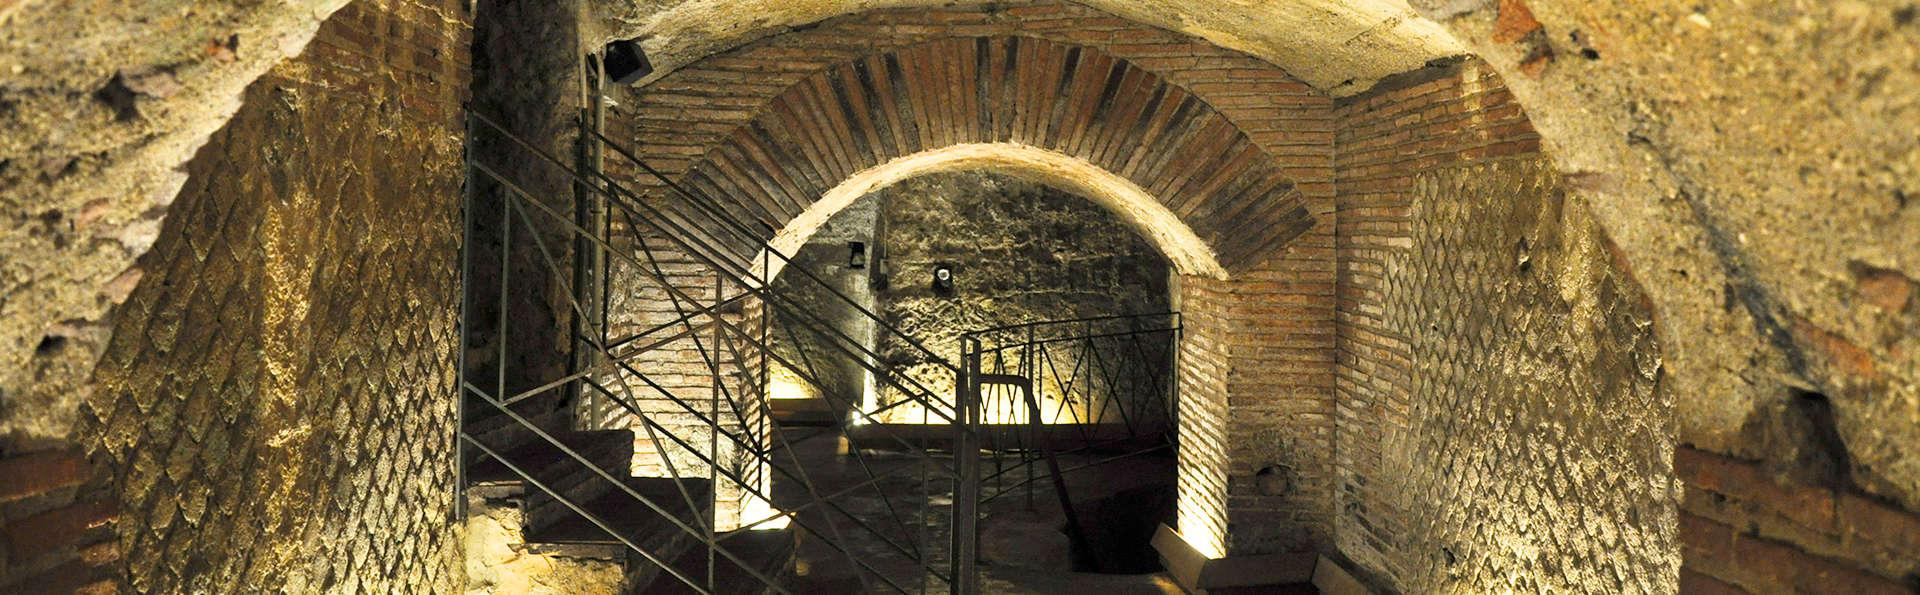 Séjour incroyable donnant sur le golfe de Naples avec visite de la ville souterraine